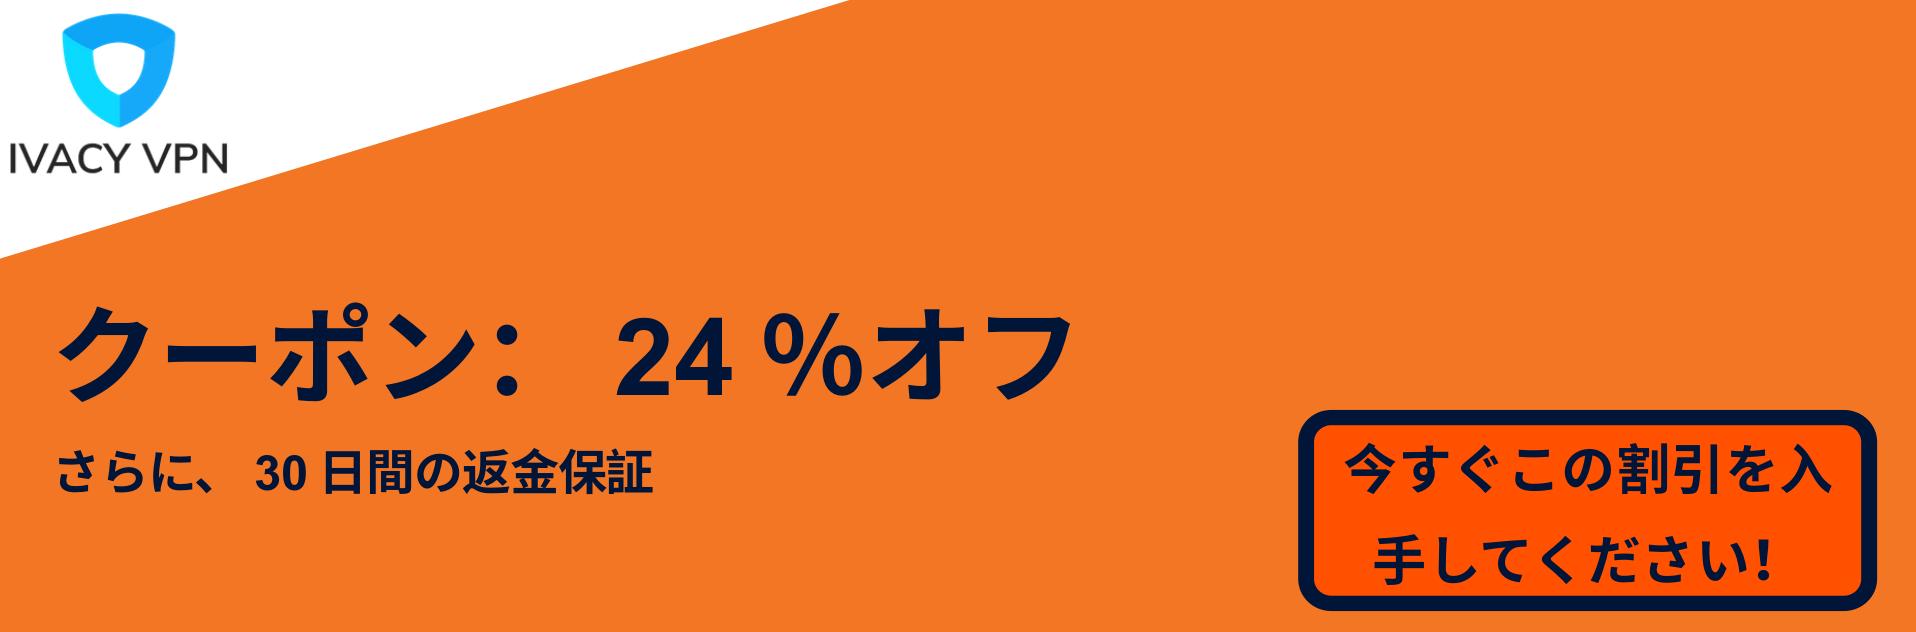 Ivacy VPNクーポンバナー-24%オフ